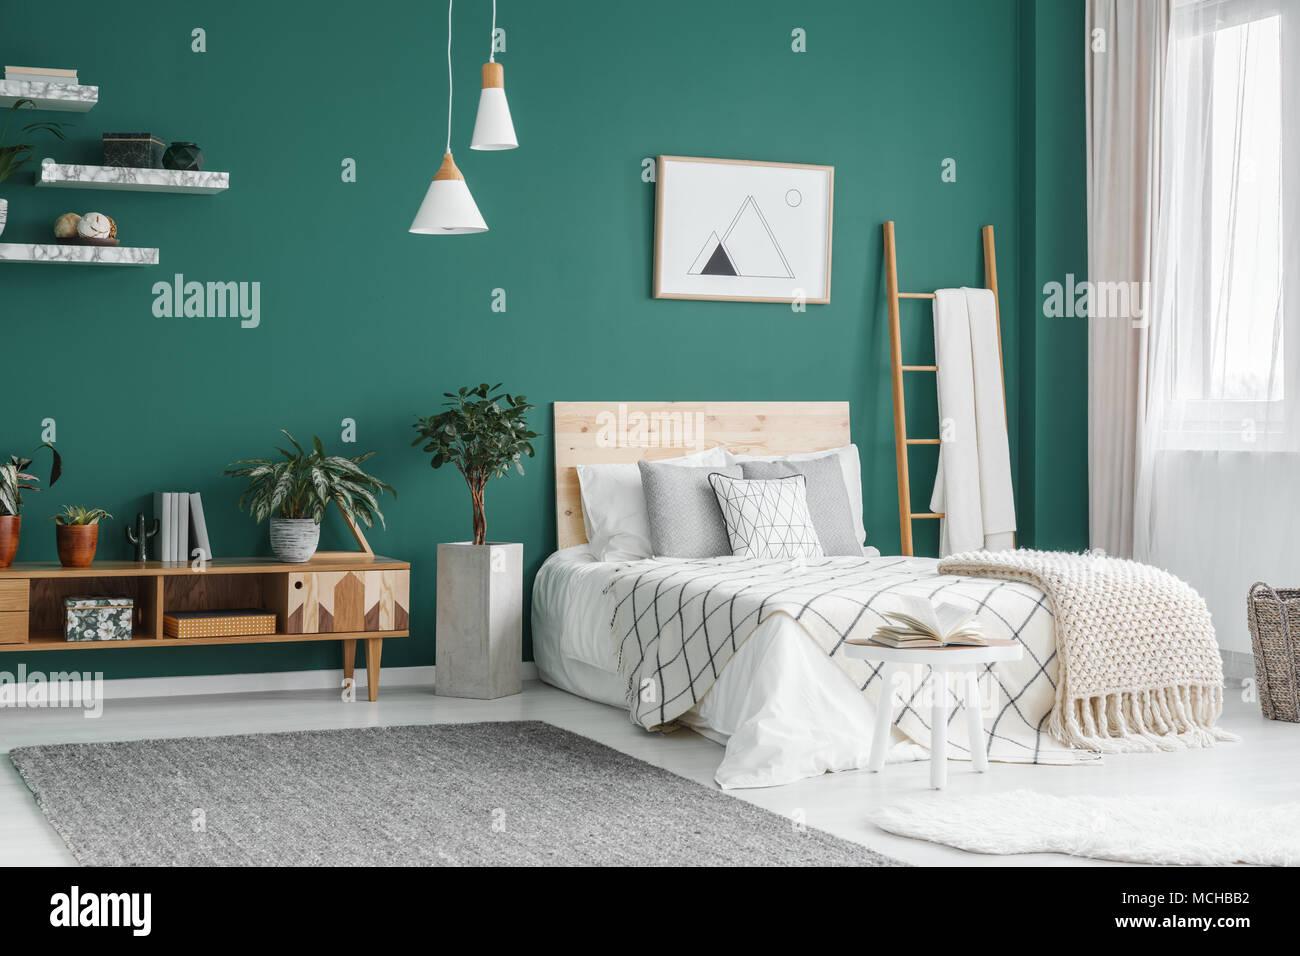 Lit Entre Bain Et Usine à Lu0027intérieur Chambre à Coucher Boho Vert Gris Avec  Lampes Tapis Sous